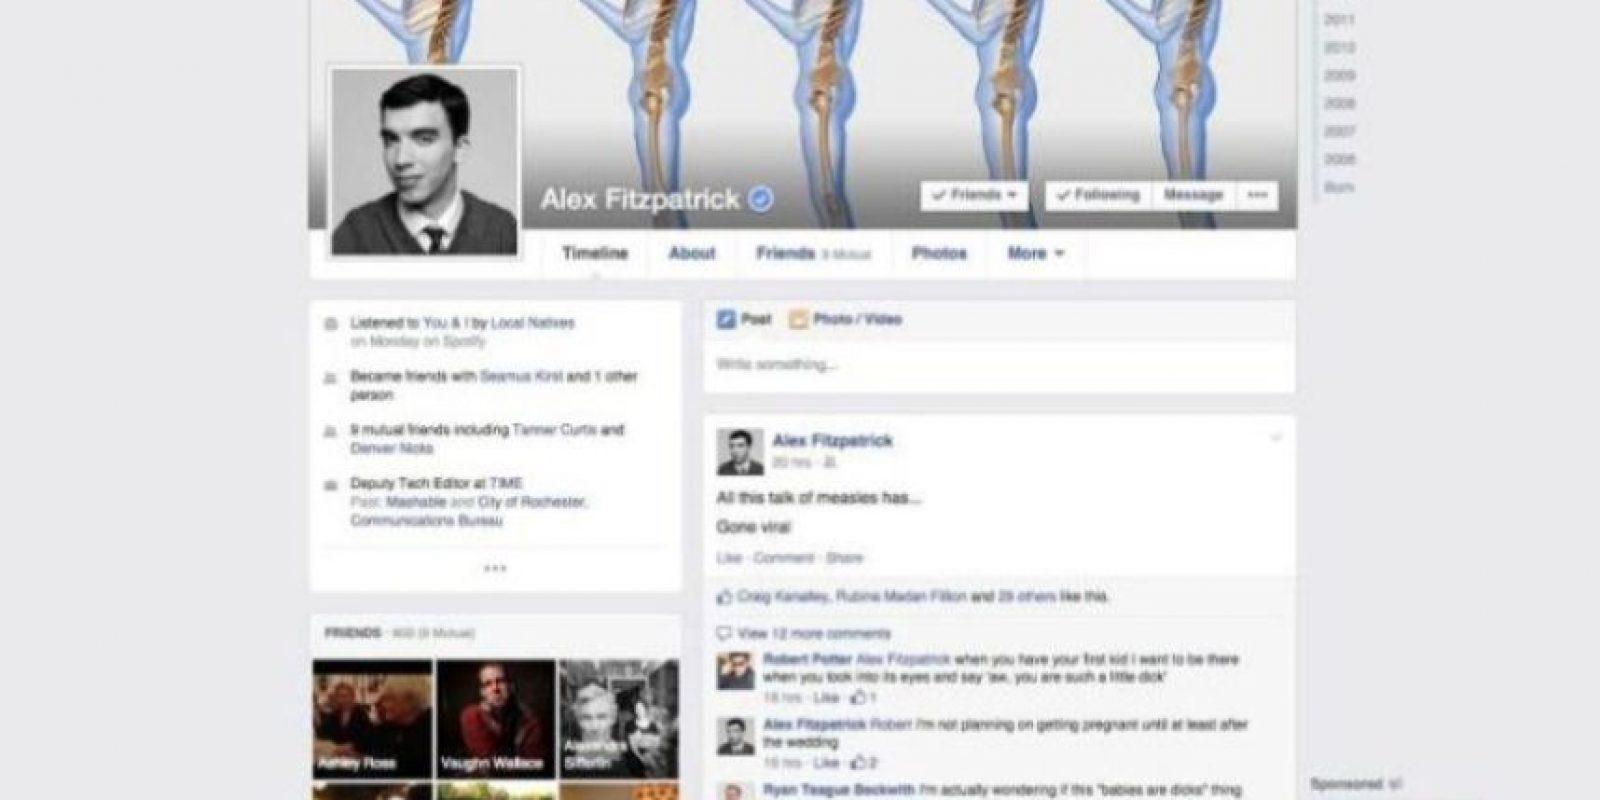 2015. Facebook muestra un nuevo algoritmo para seleccionar noticias y mejores configuraciones de privacidad. Foto:Facebook.com